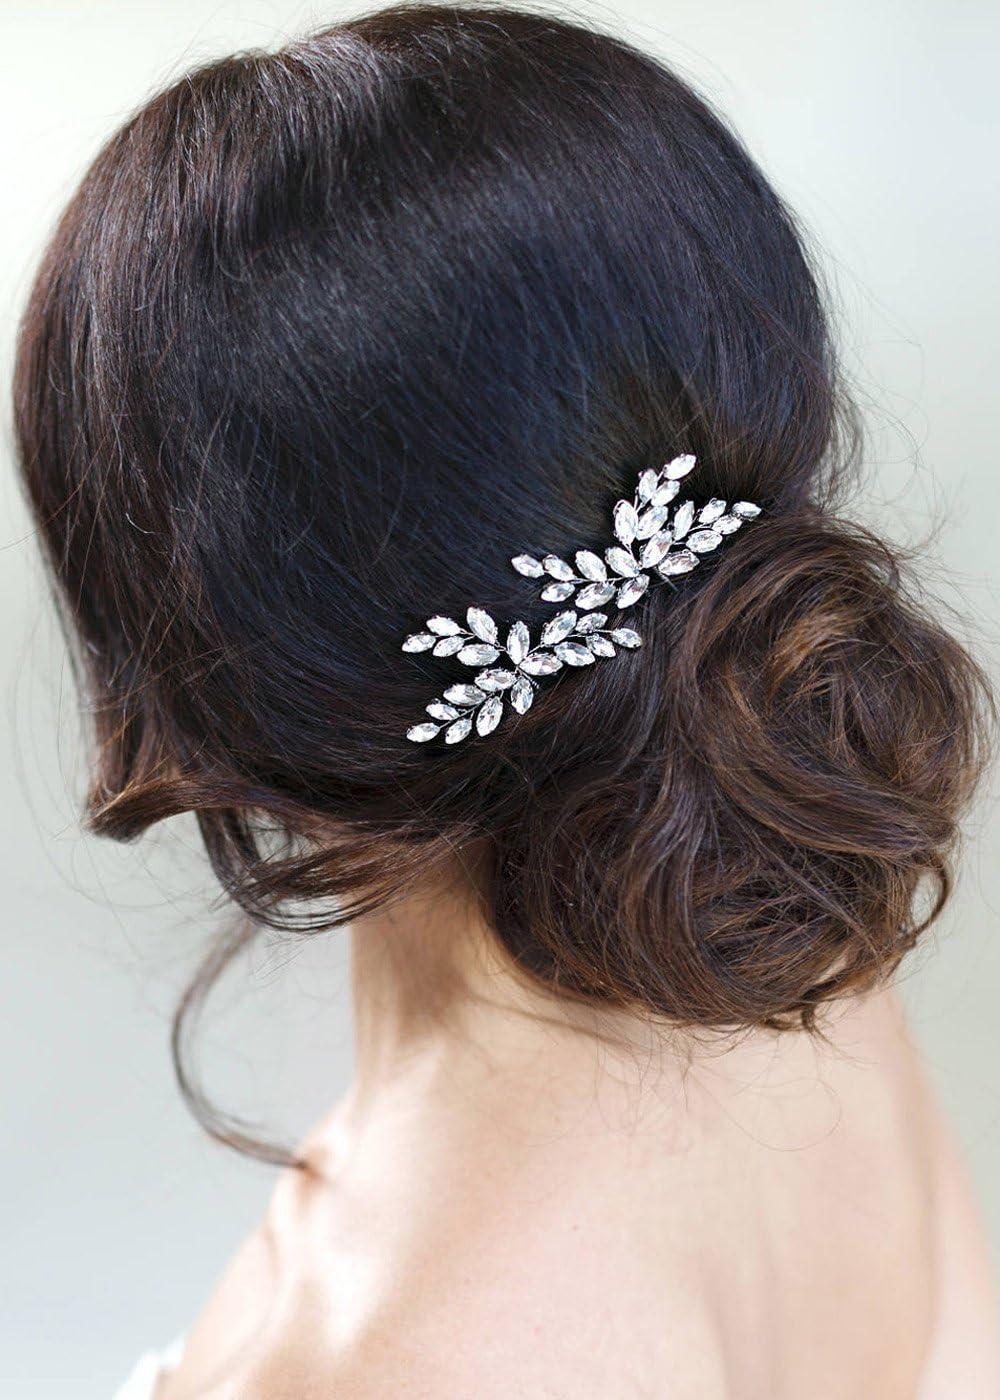 Kercisbeauty Horquillas para el cabello decoradas con una hoja plateada adornada con cristales, estilo nupcial, vintage, accesorio de regalo para boda, juego de 2 unidades